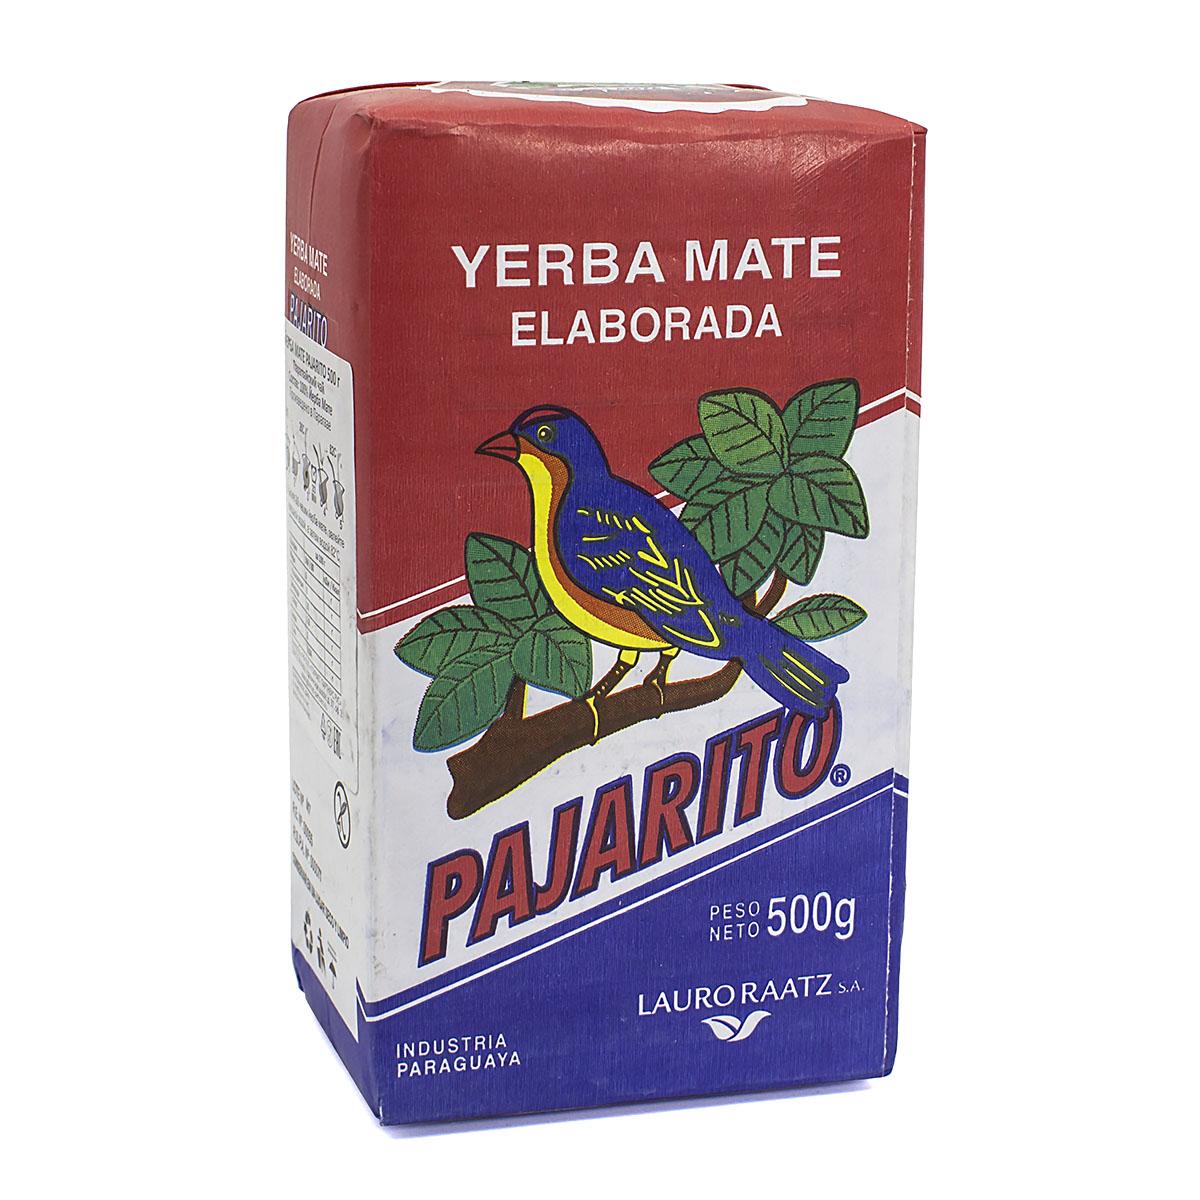 Мате Pajarito Tradicional, 500 г мате amanda tradicional pressed 250 г